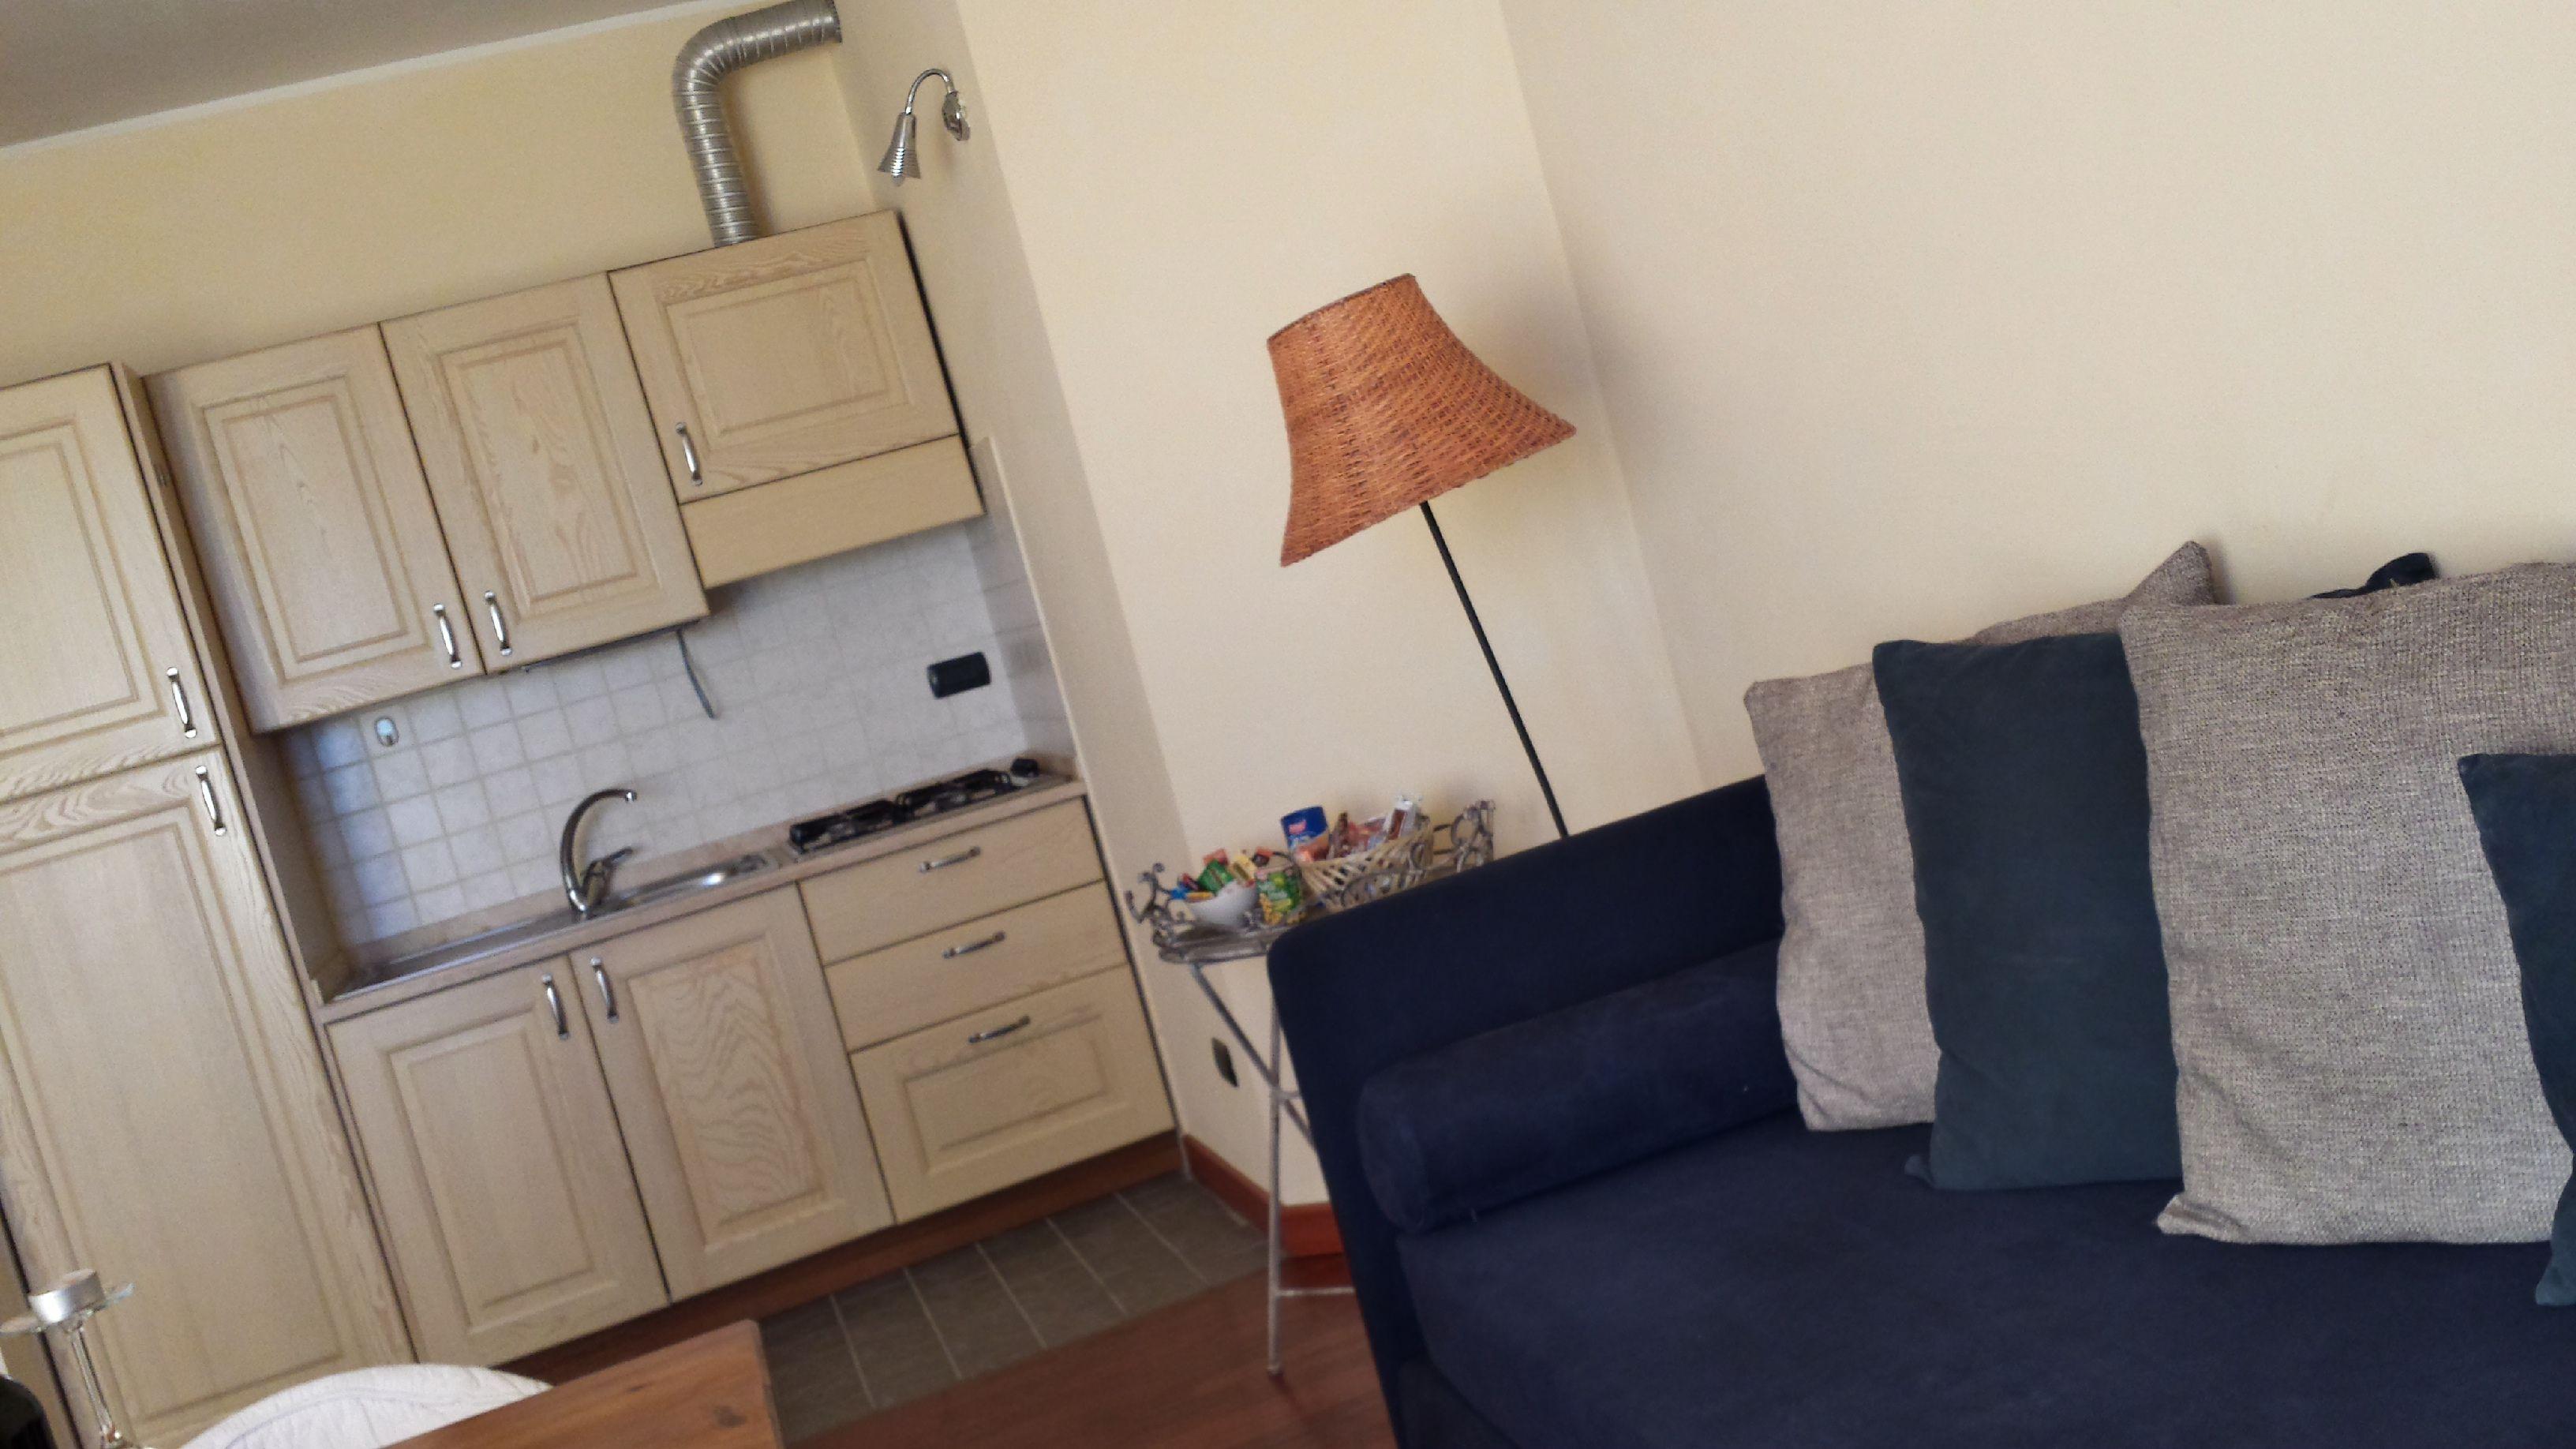 Angolo cottura e Soggiorno (con immagini) | Divano letto ...